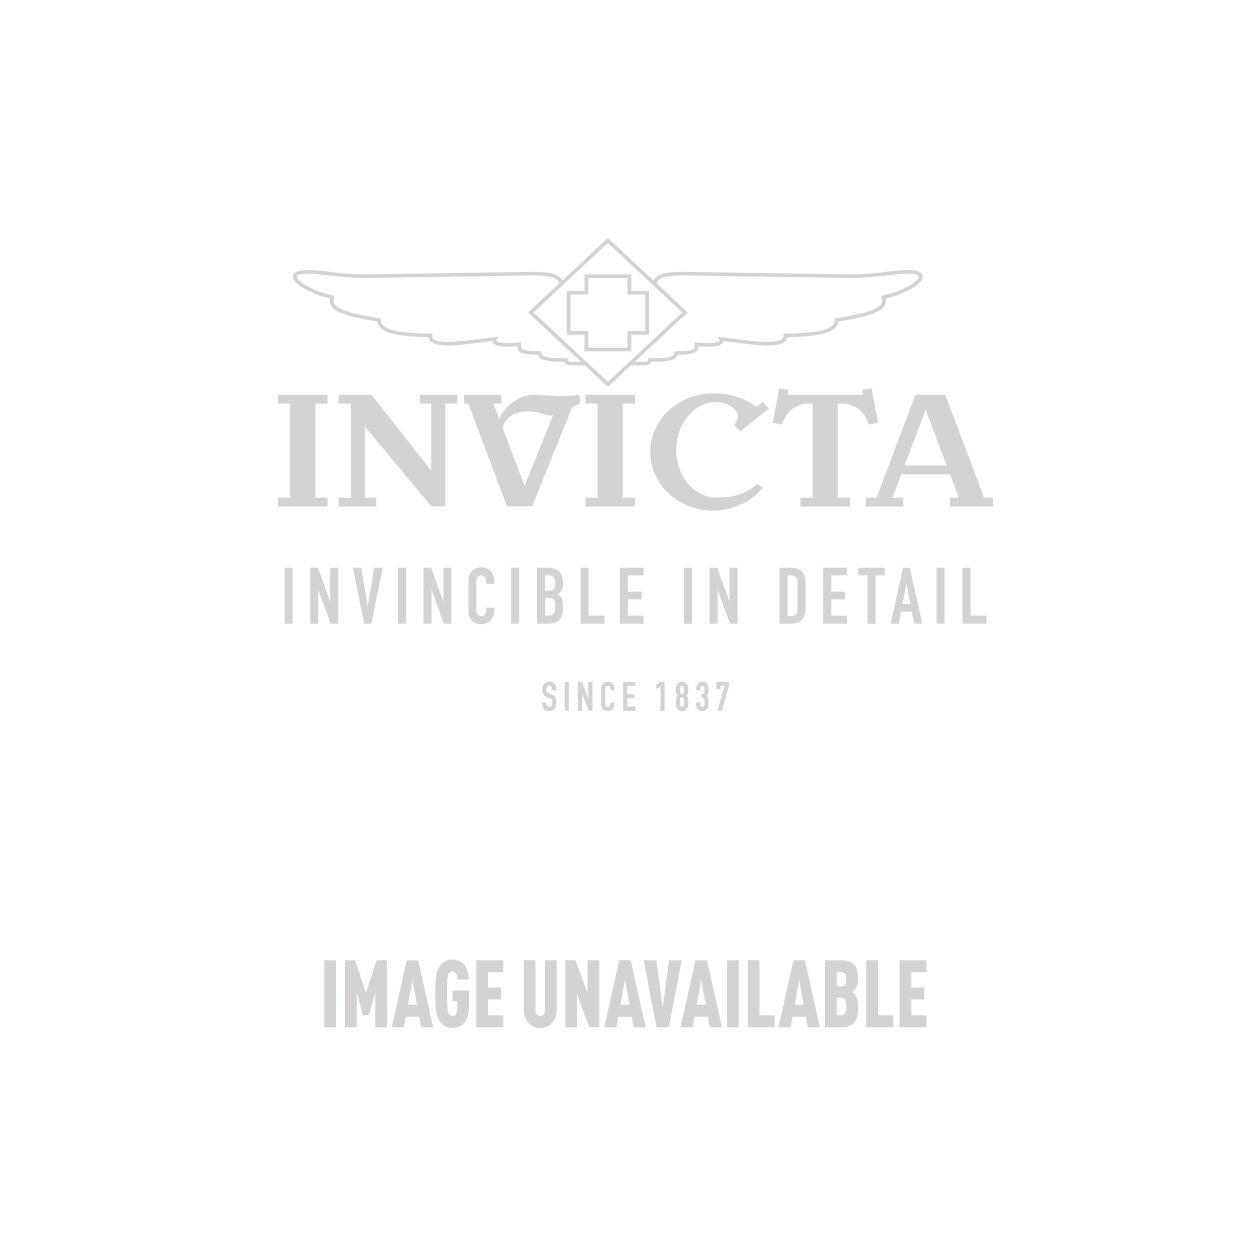 Invicta Model 28325